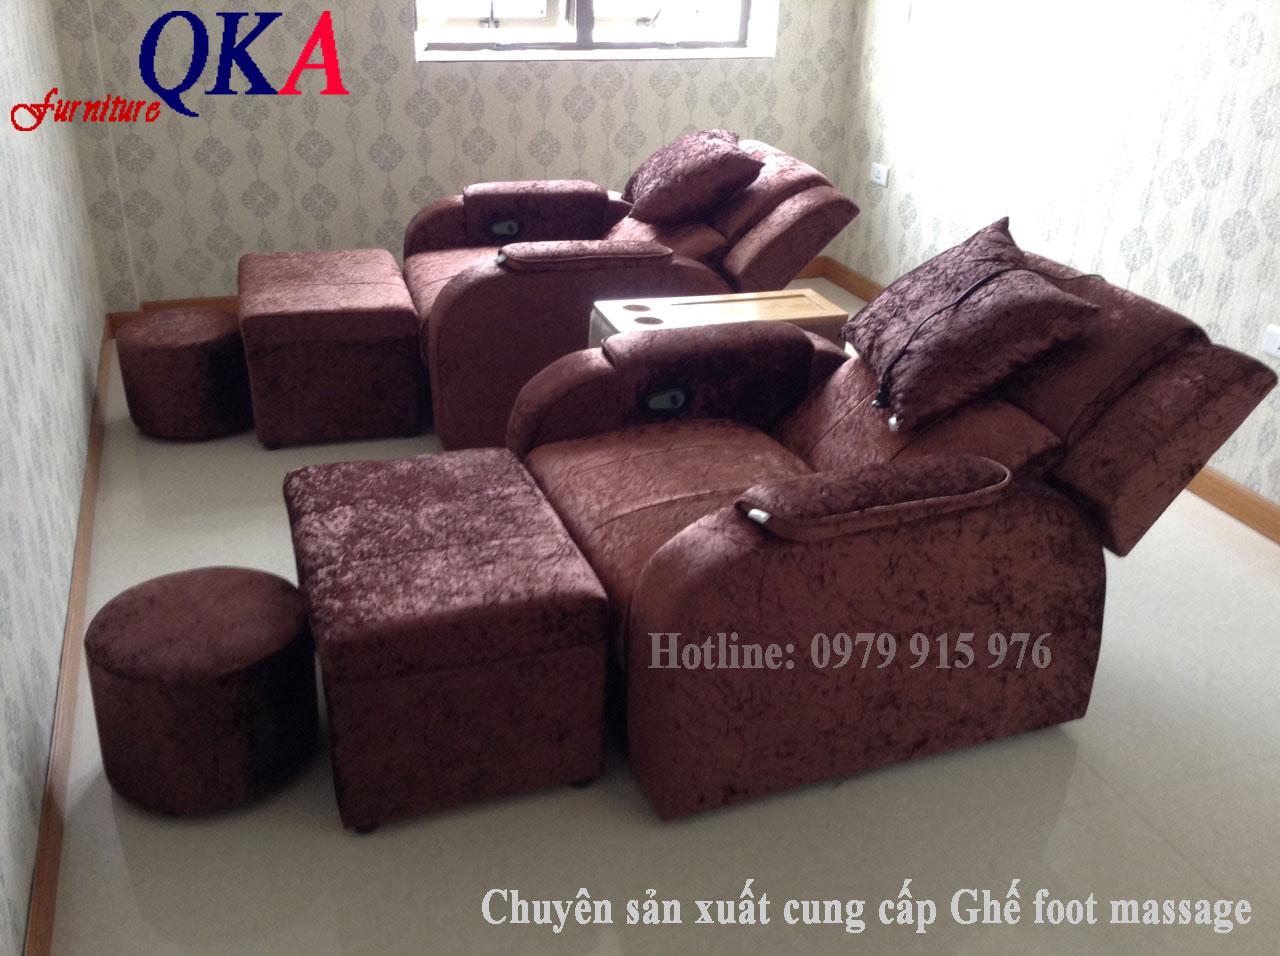 Mẫu ghế massage foot